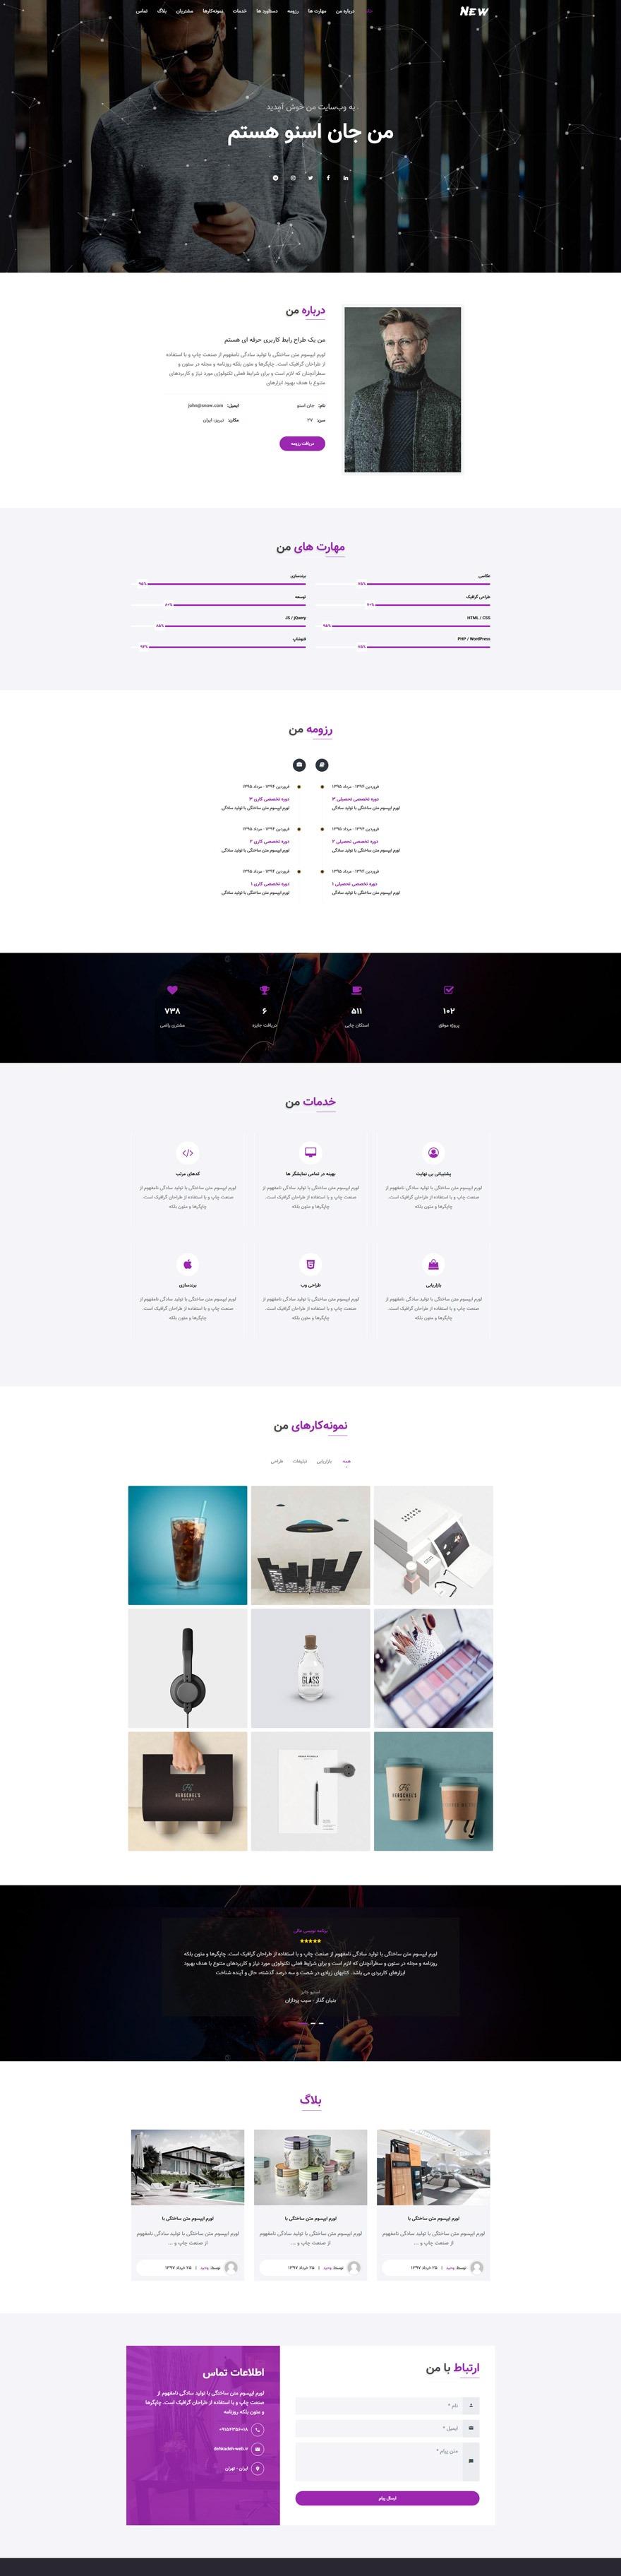 طراحی سایت بازیگران